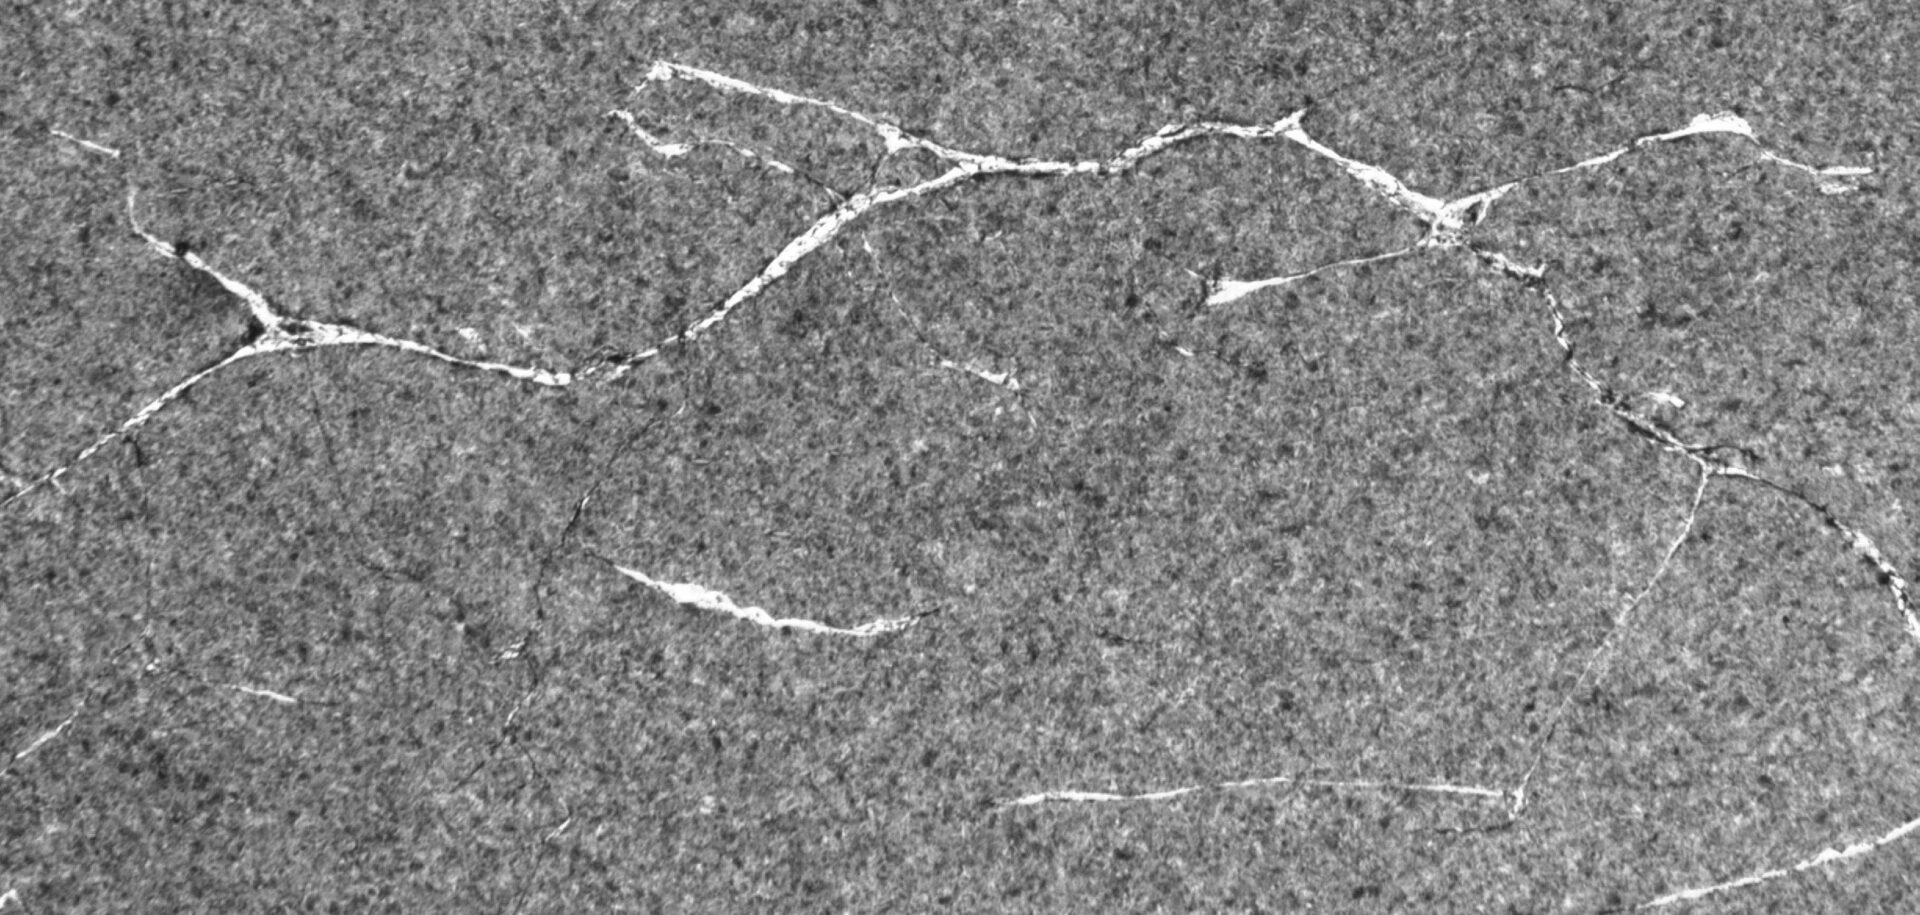 Типичная обширная сетка белых трещин травления (крупногабаритный сферический роликоподшипник).